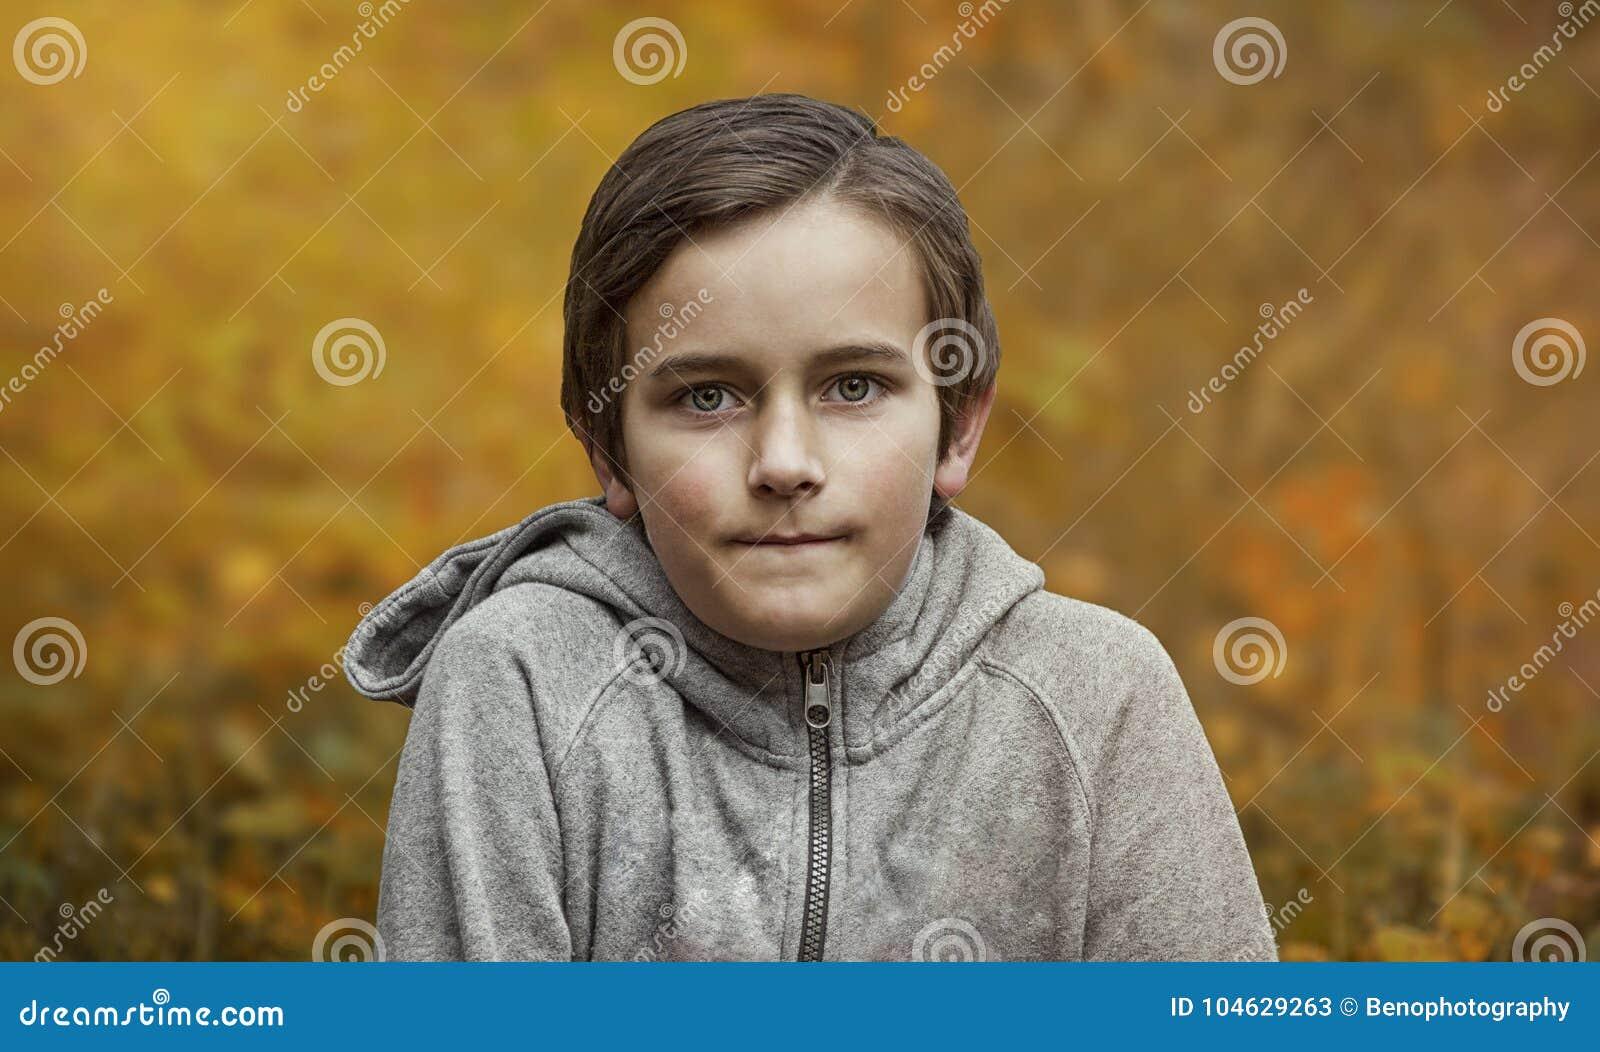 Download Portret Van Jonge Jongen In Bos In De Herfst Fotoportret Van Jong Geitje Stock Afbeelding - Afbeelding bestaande uit kaukasisch, mensen: 104629263